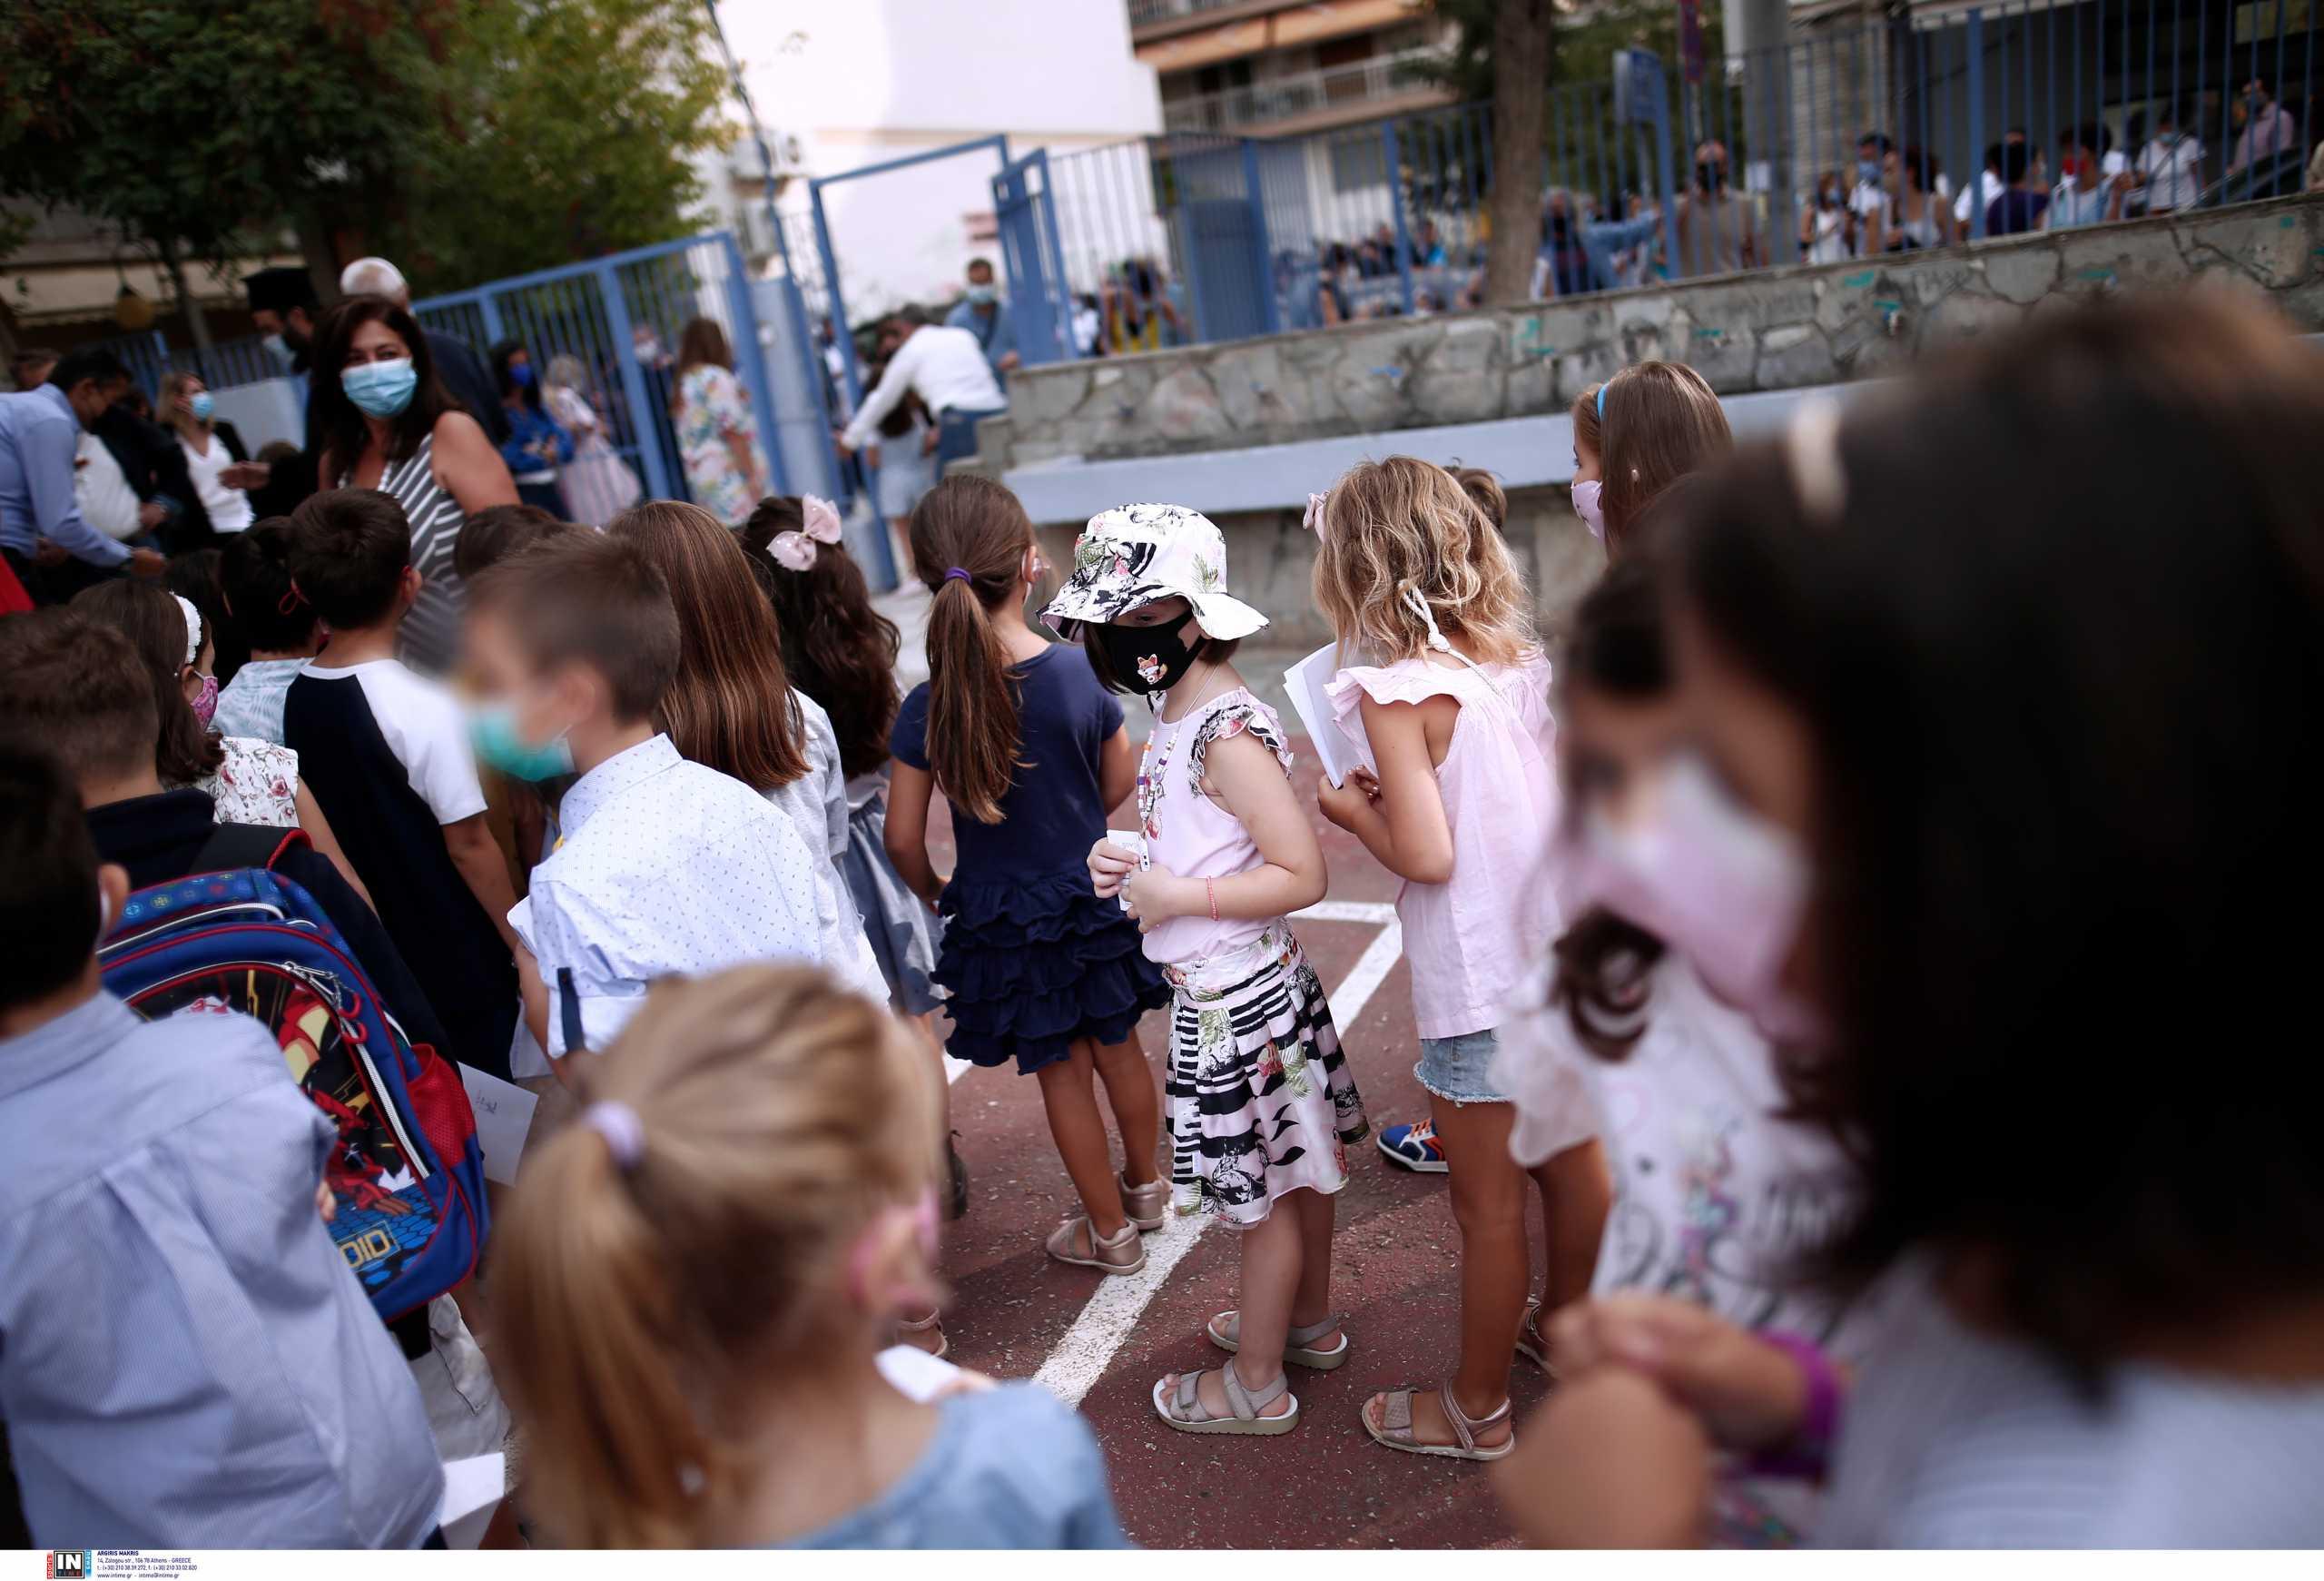 Κορονοϊός: Η μετάλλαξη Δέλτα χτυπά τα παιδιά – Το 25% των κρουσμάτων είναι στις ηλικίες 4-18 ετών